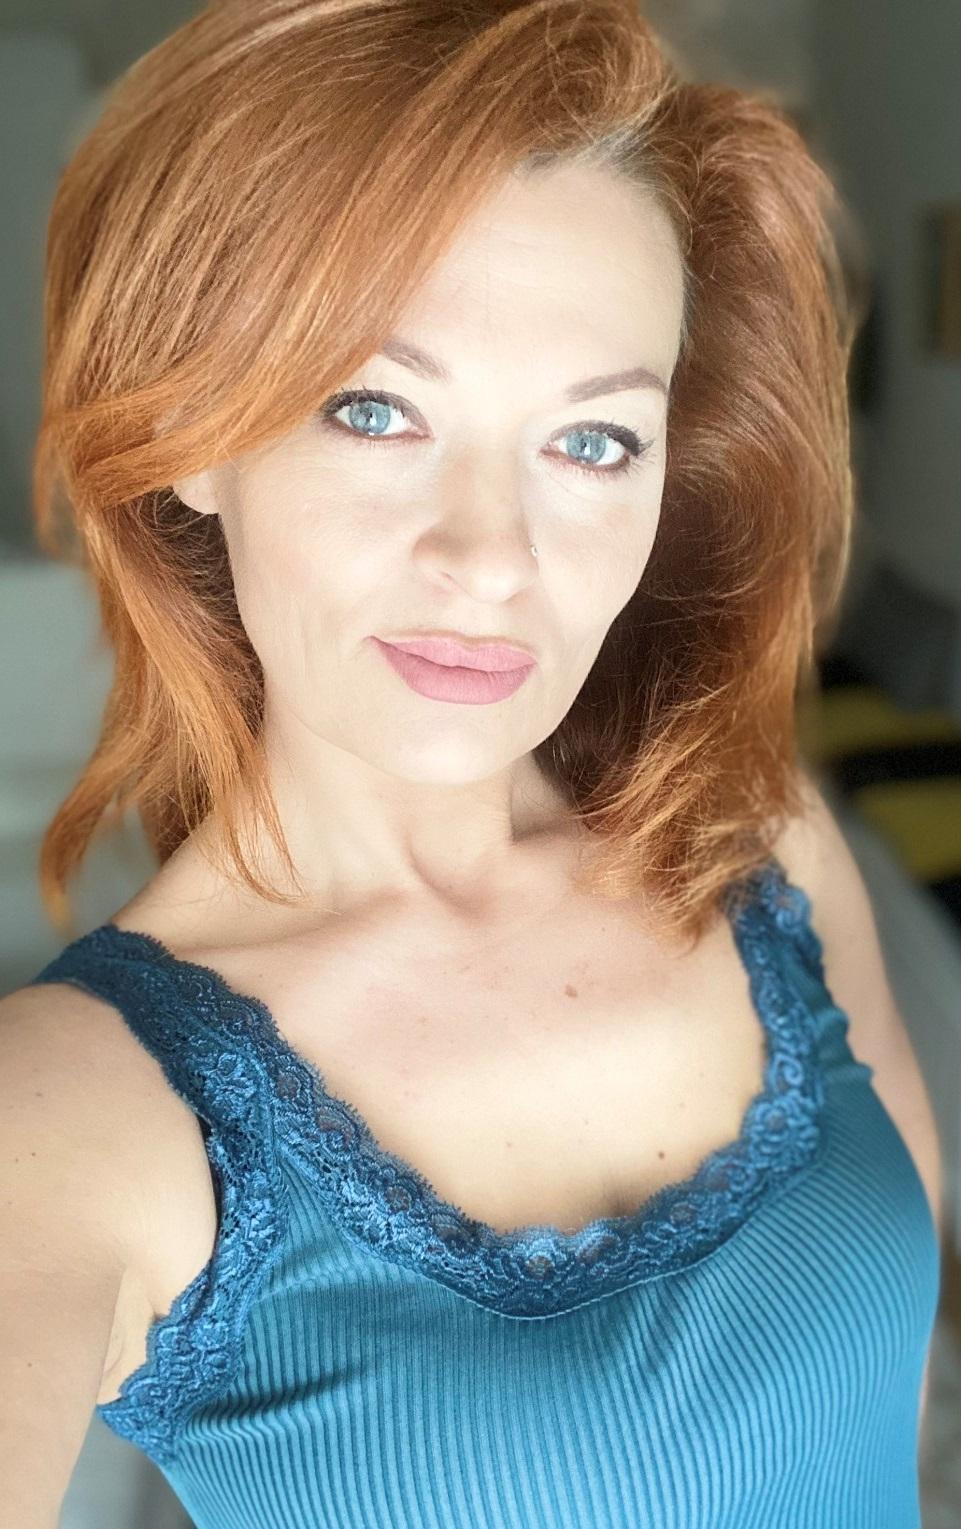 Agence matrimoniale rencontre de Liudmila belle femme sénior célibataire de 45 ans, Châtillon.